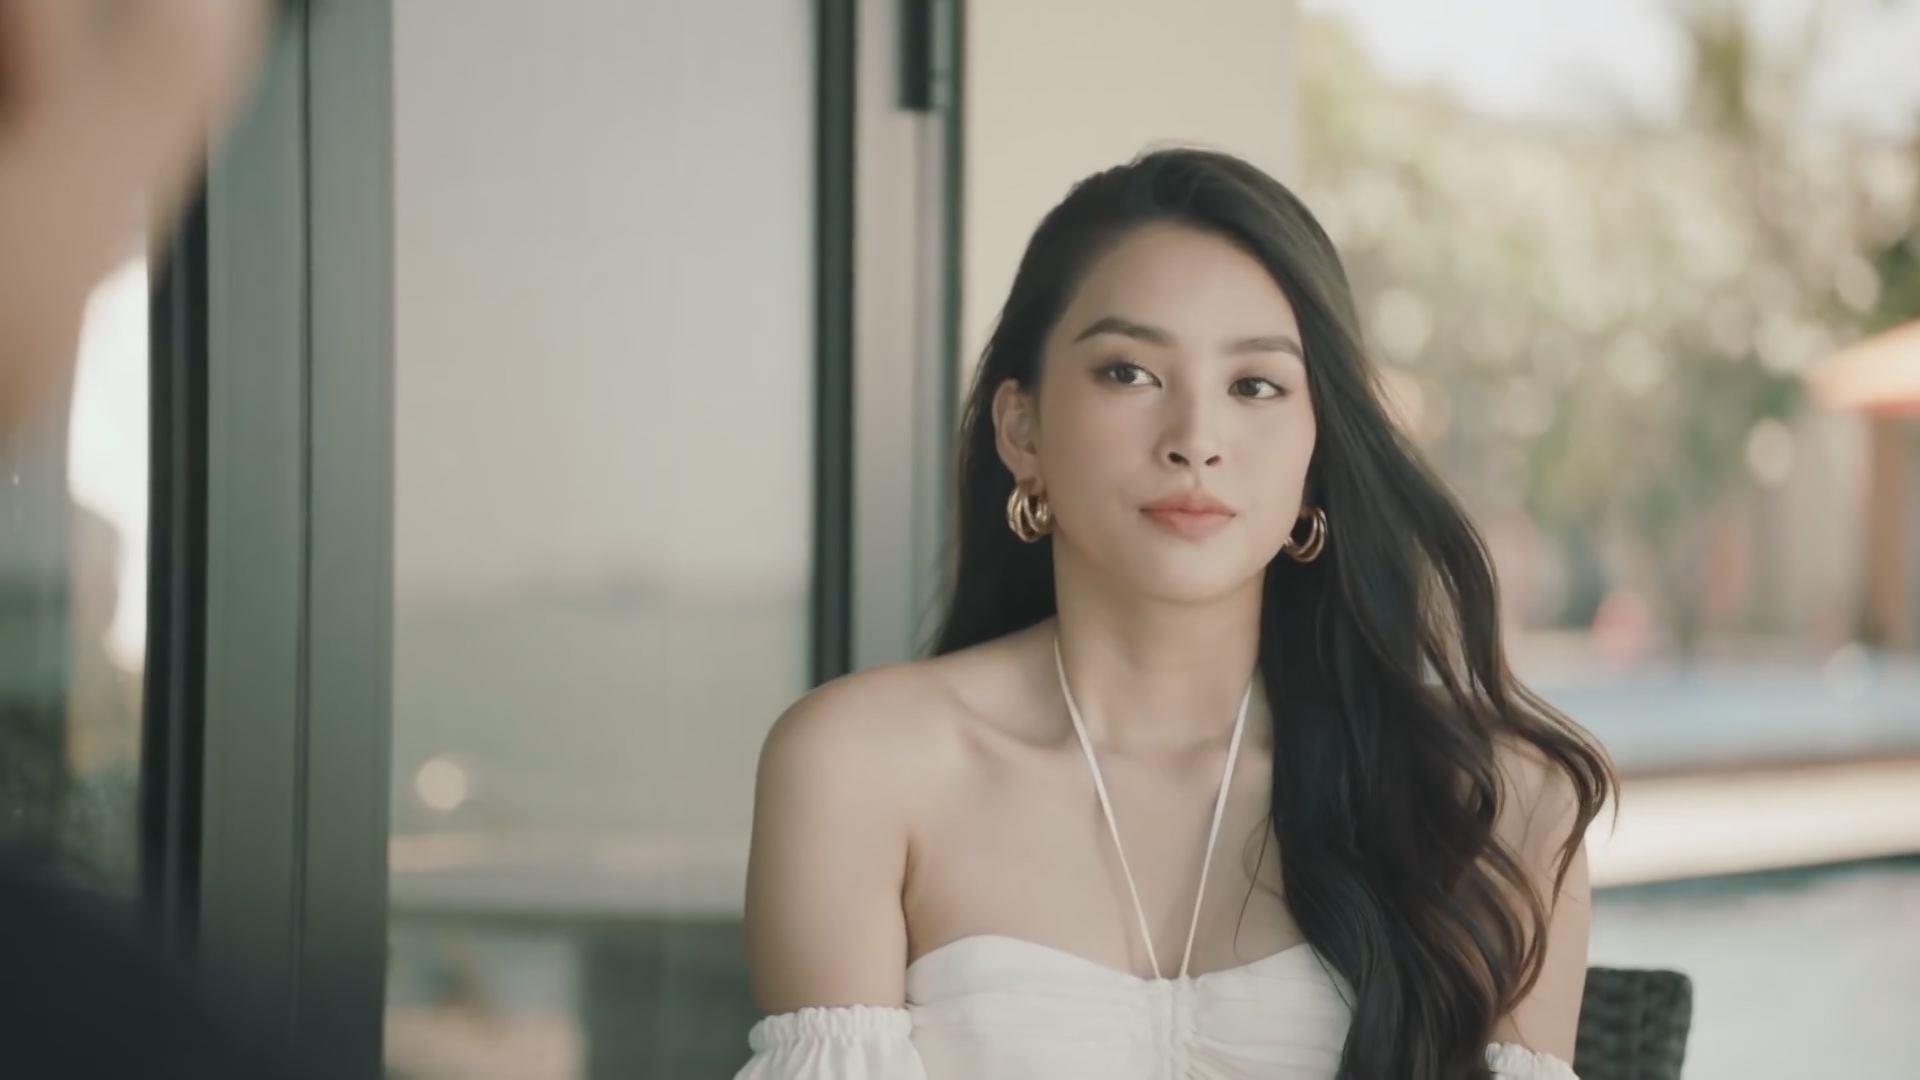 KICM và bản tình ca ngọt ngào trong MV mới ra mắt